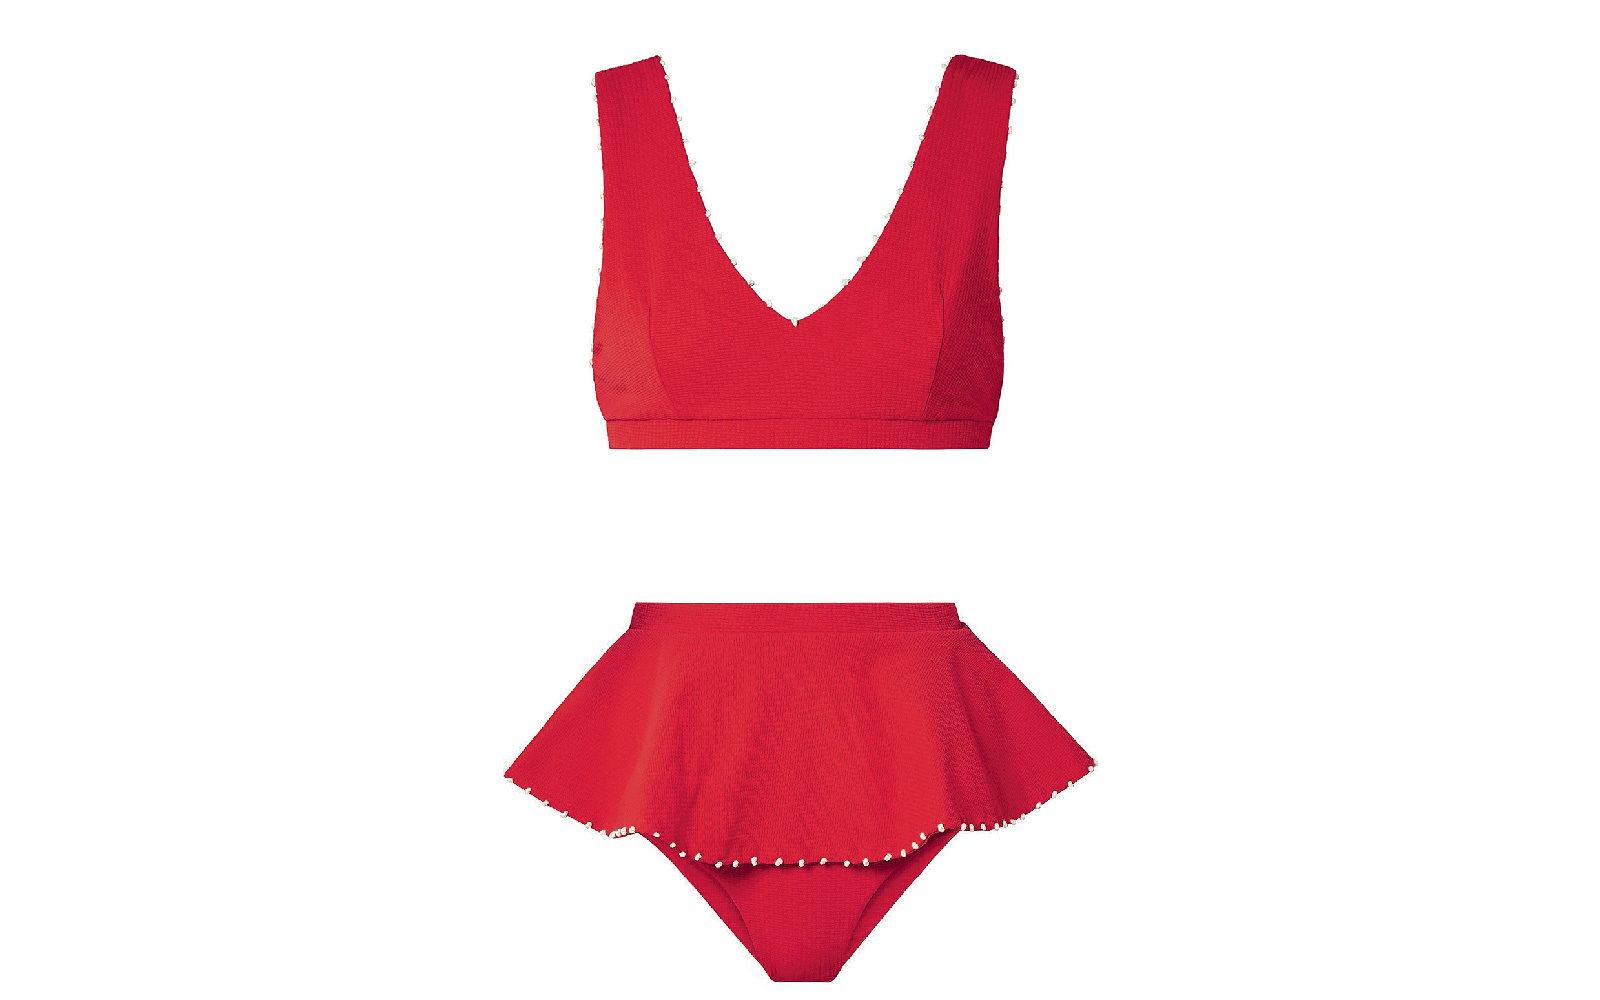 Sembra quasi un abitino il bikini rosso di Marysia che propone un top con scollo a V e spallina larga  abbinato agli slip con gonnellina  (178 euro cadauno).